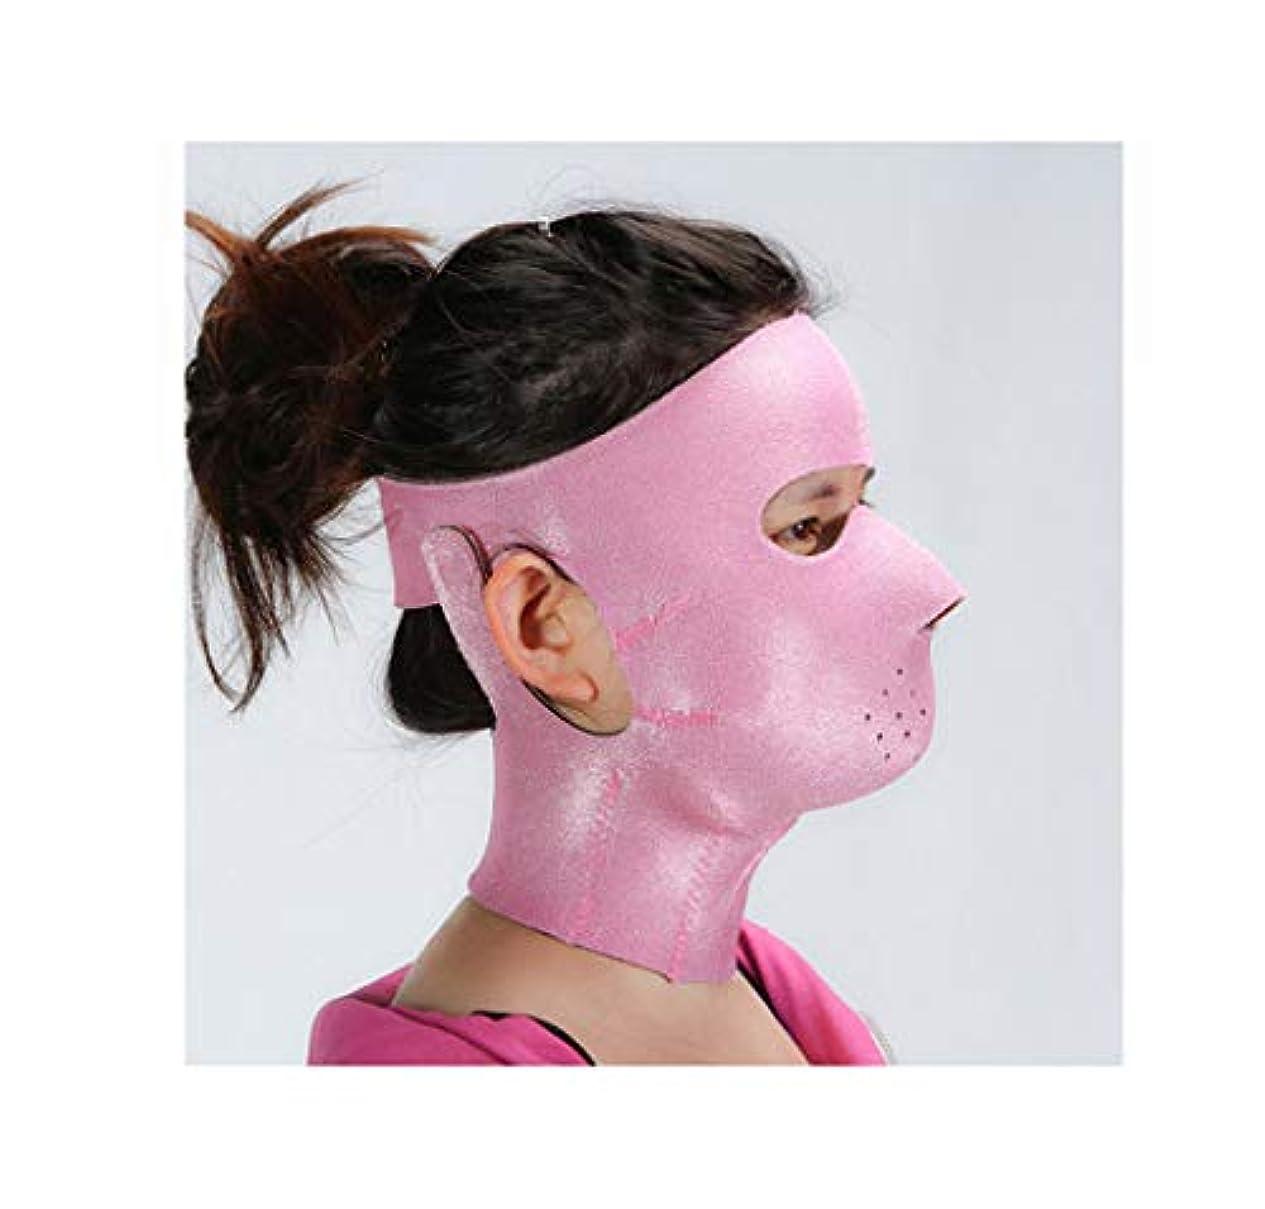 船酔い比較的レプリカGLJJQMY 薄い顔マスクマスクプラス薄いマスク引き締めアンチエイジング薄いマスク顔の薄い顔マスクアーティファクト美容ネックバンド 顔用整形マスク